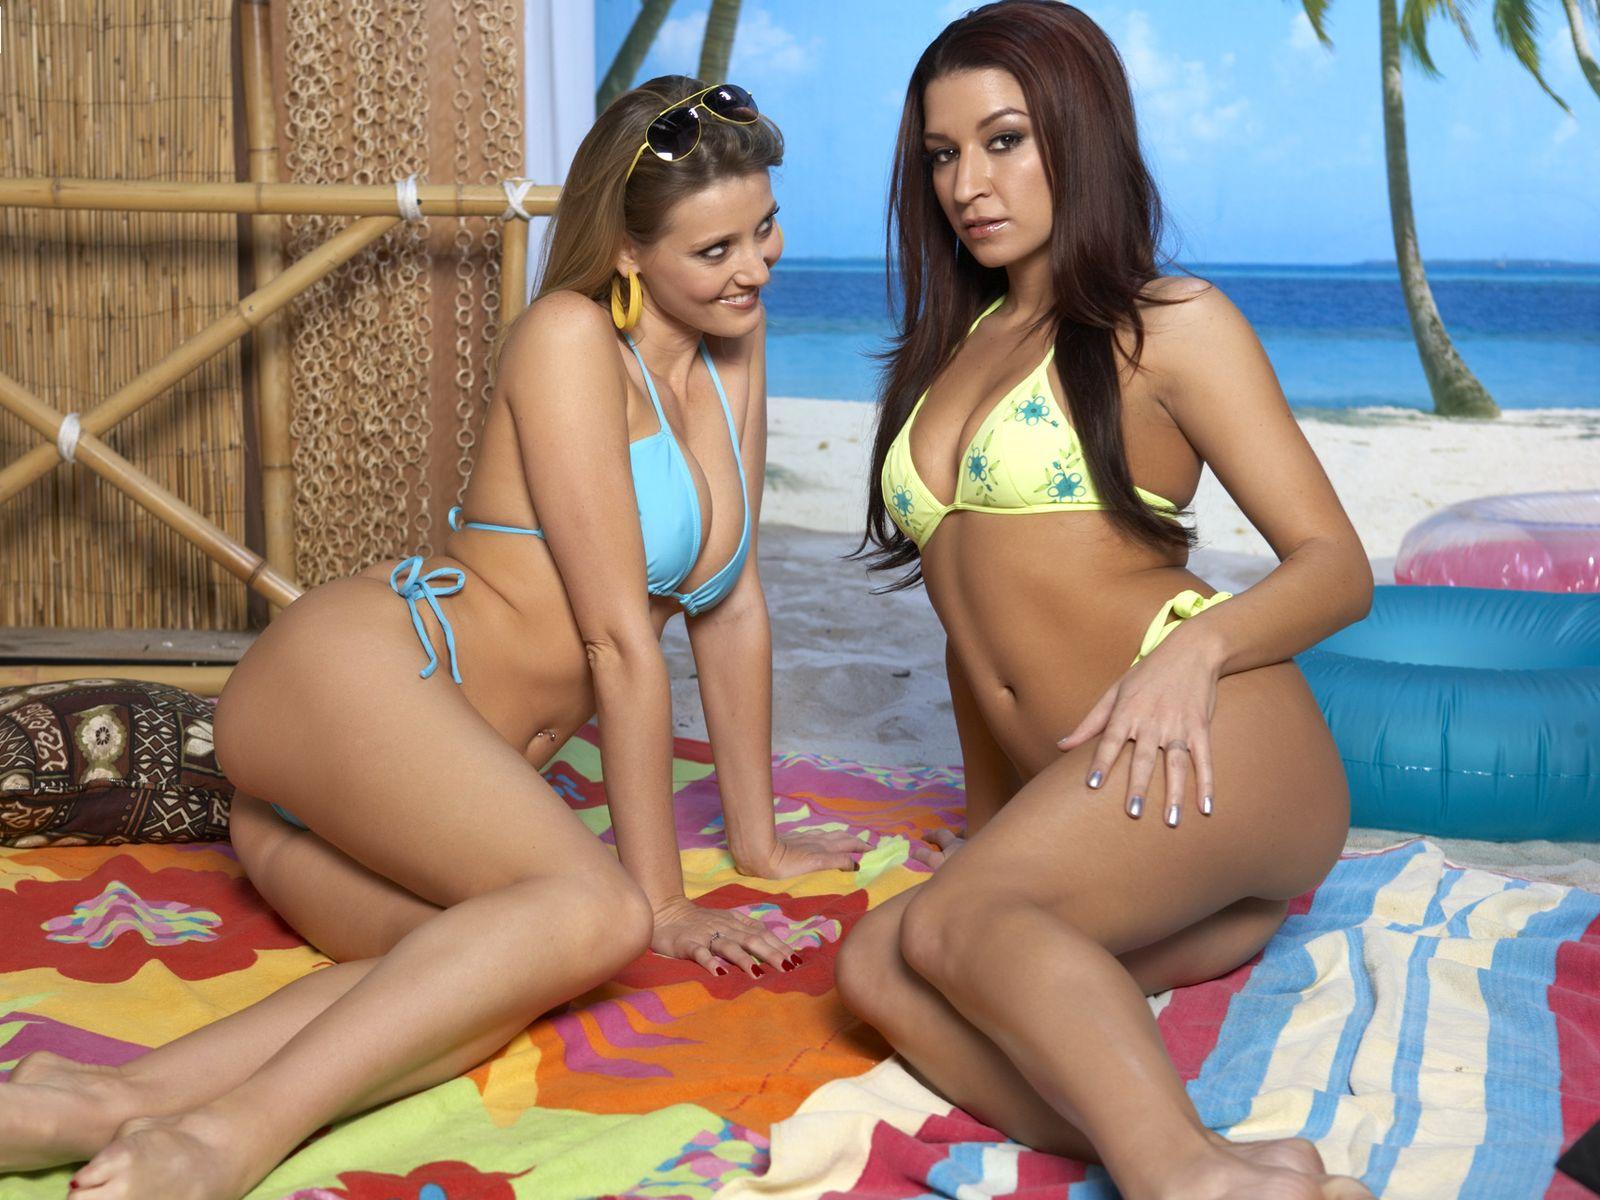 Фото молодых девушек в купальниках 17 фотография